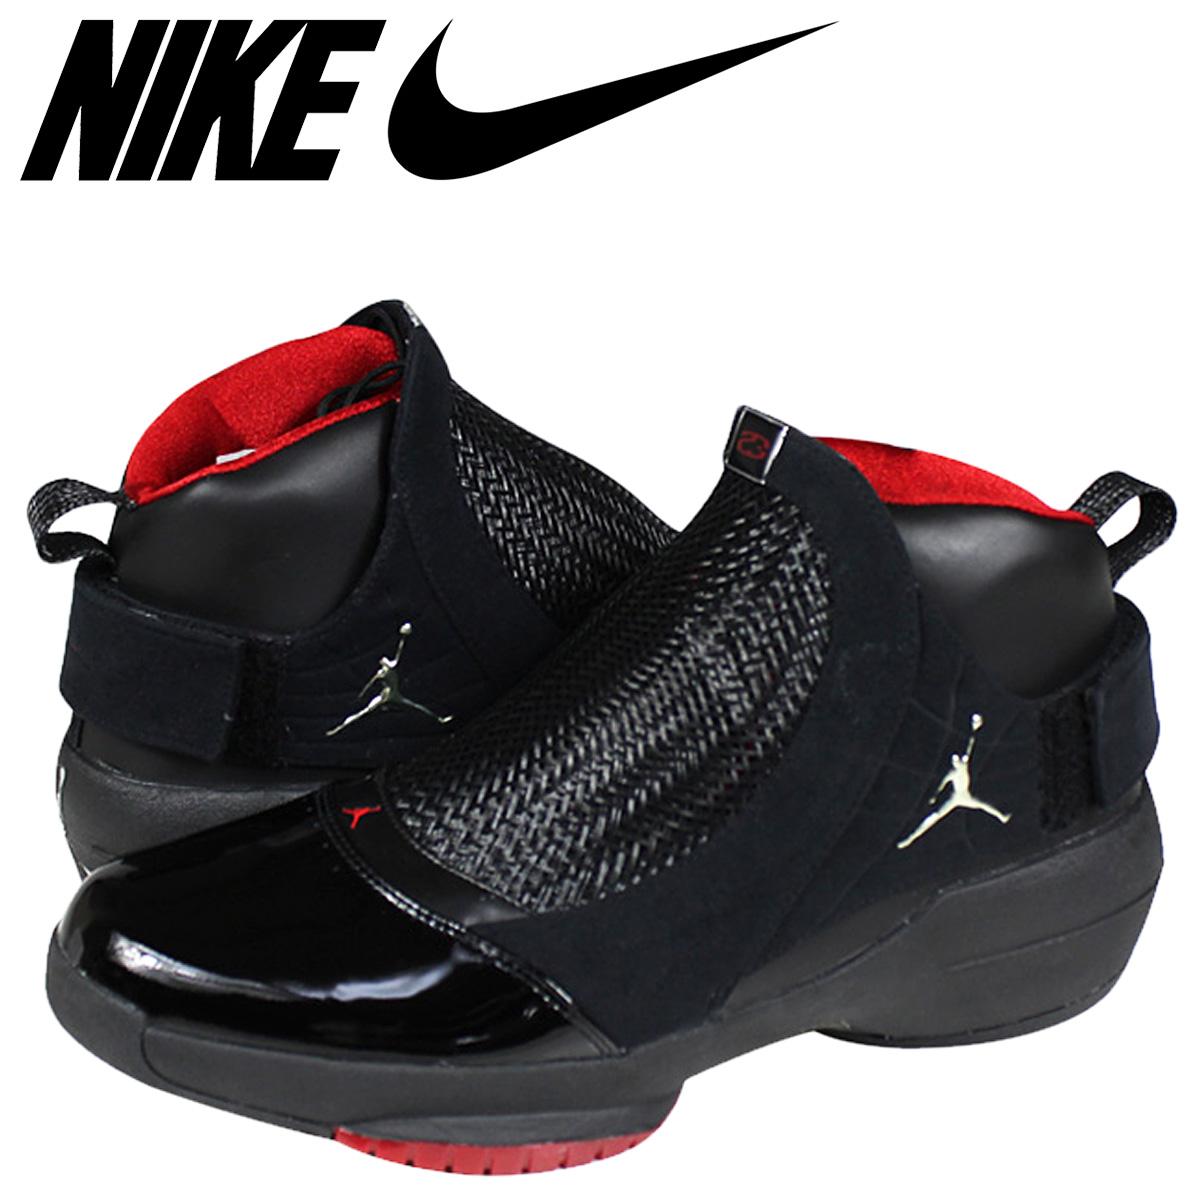 c1075e4cce9d21 ... discount code for sold out nike nike air jordan sneakers air jordan 19  air jordan 19